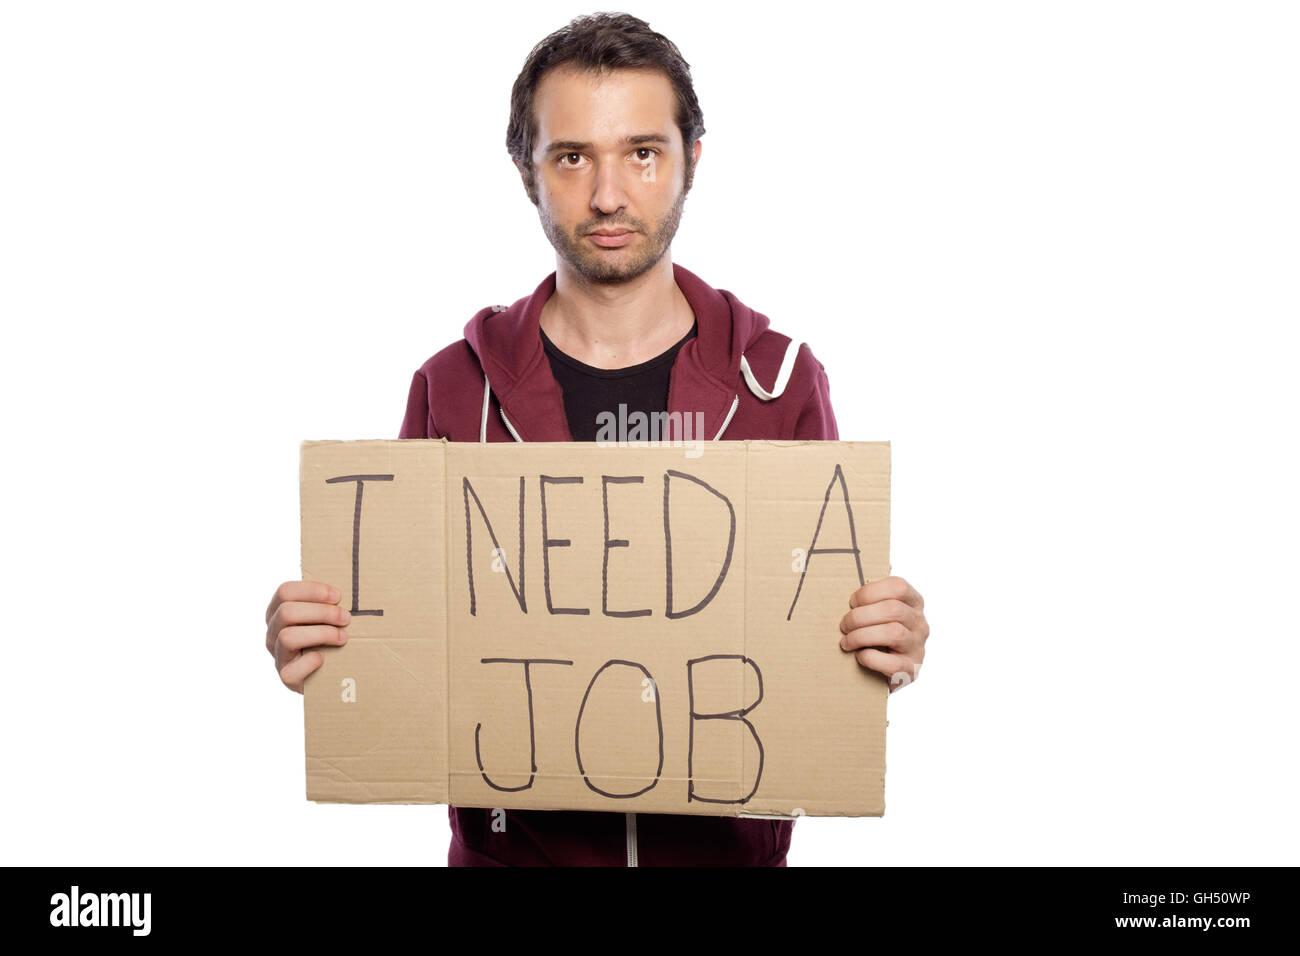 Homme au chômage tenant un carton isolé sur fond blanc Photo Stock